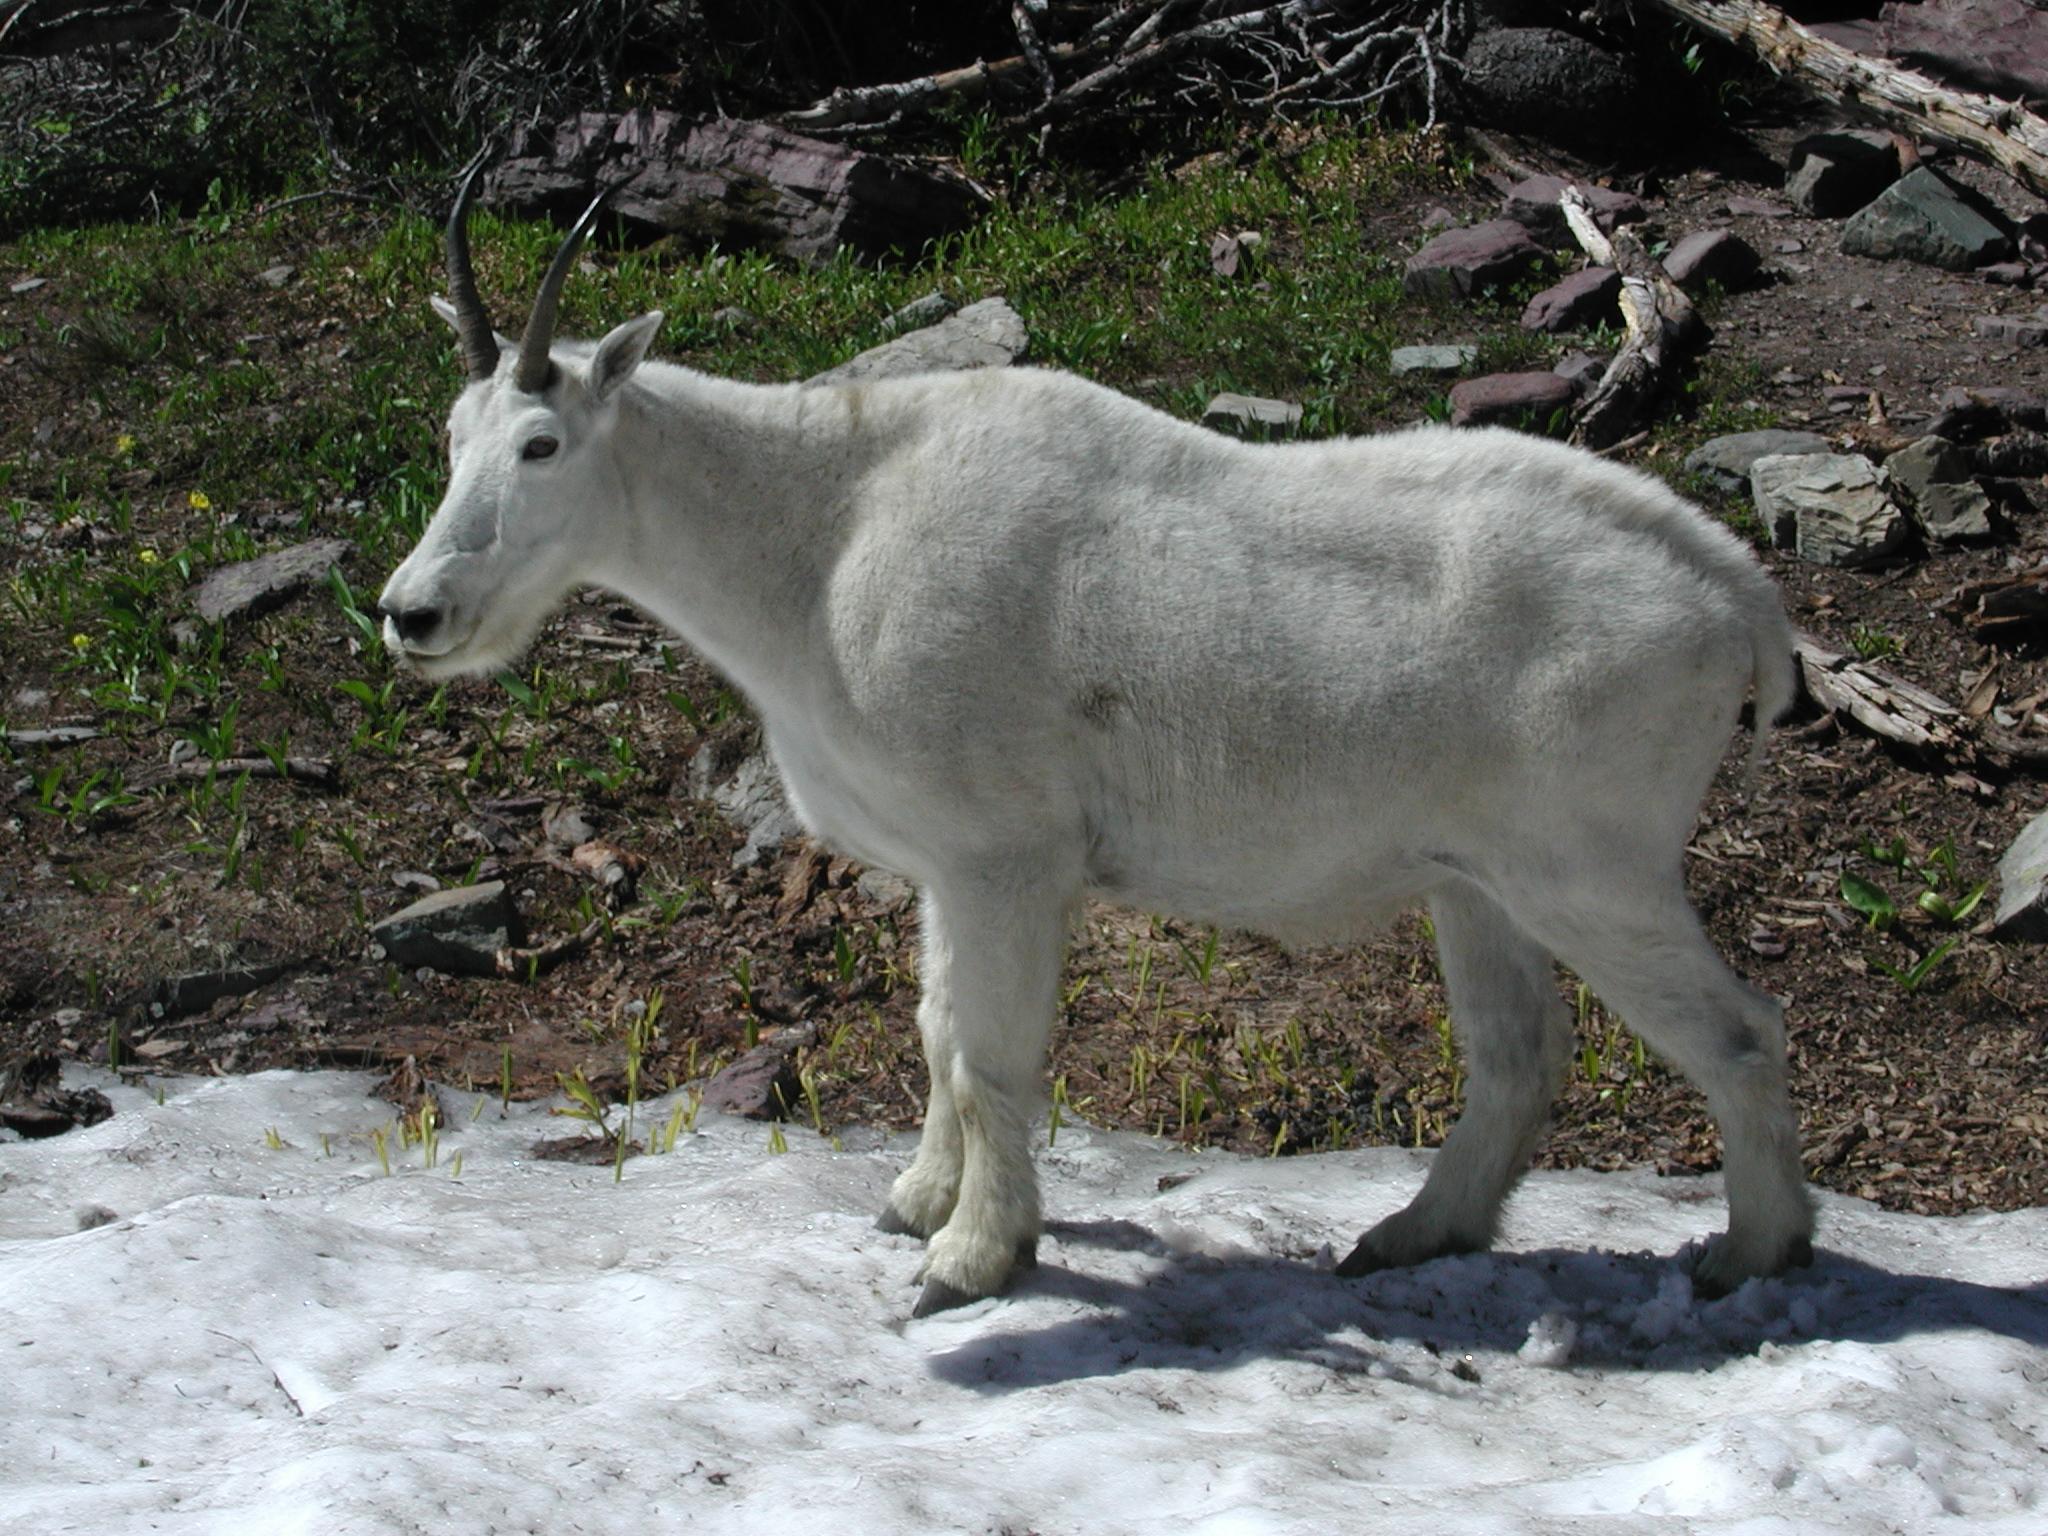 Single Mountain Goat, Goat, Ice, Mountain, Snow, HQ Photo